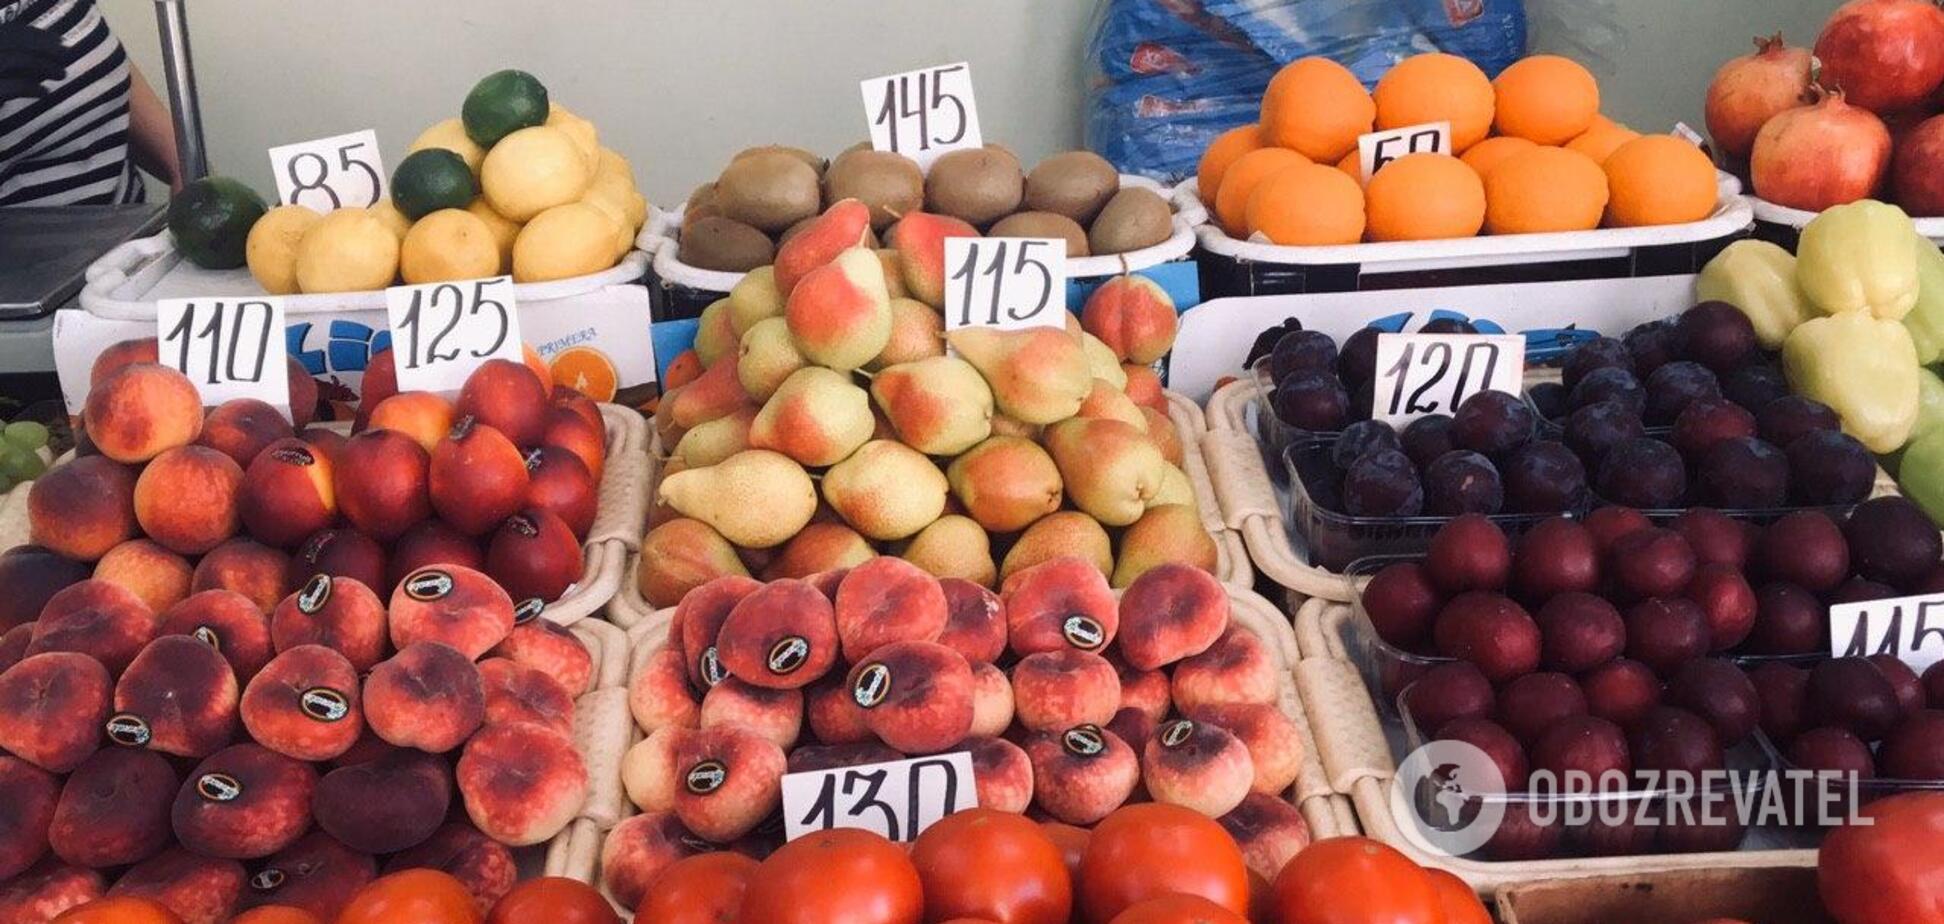 Цены на продукты в Днепре: что стало дешевле и дороже